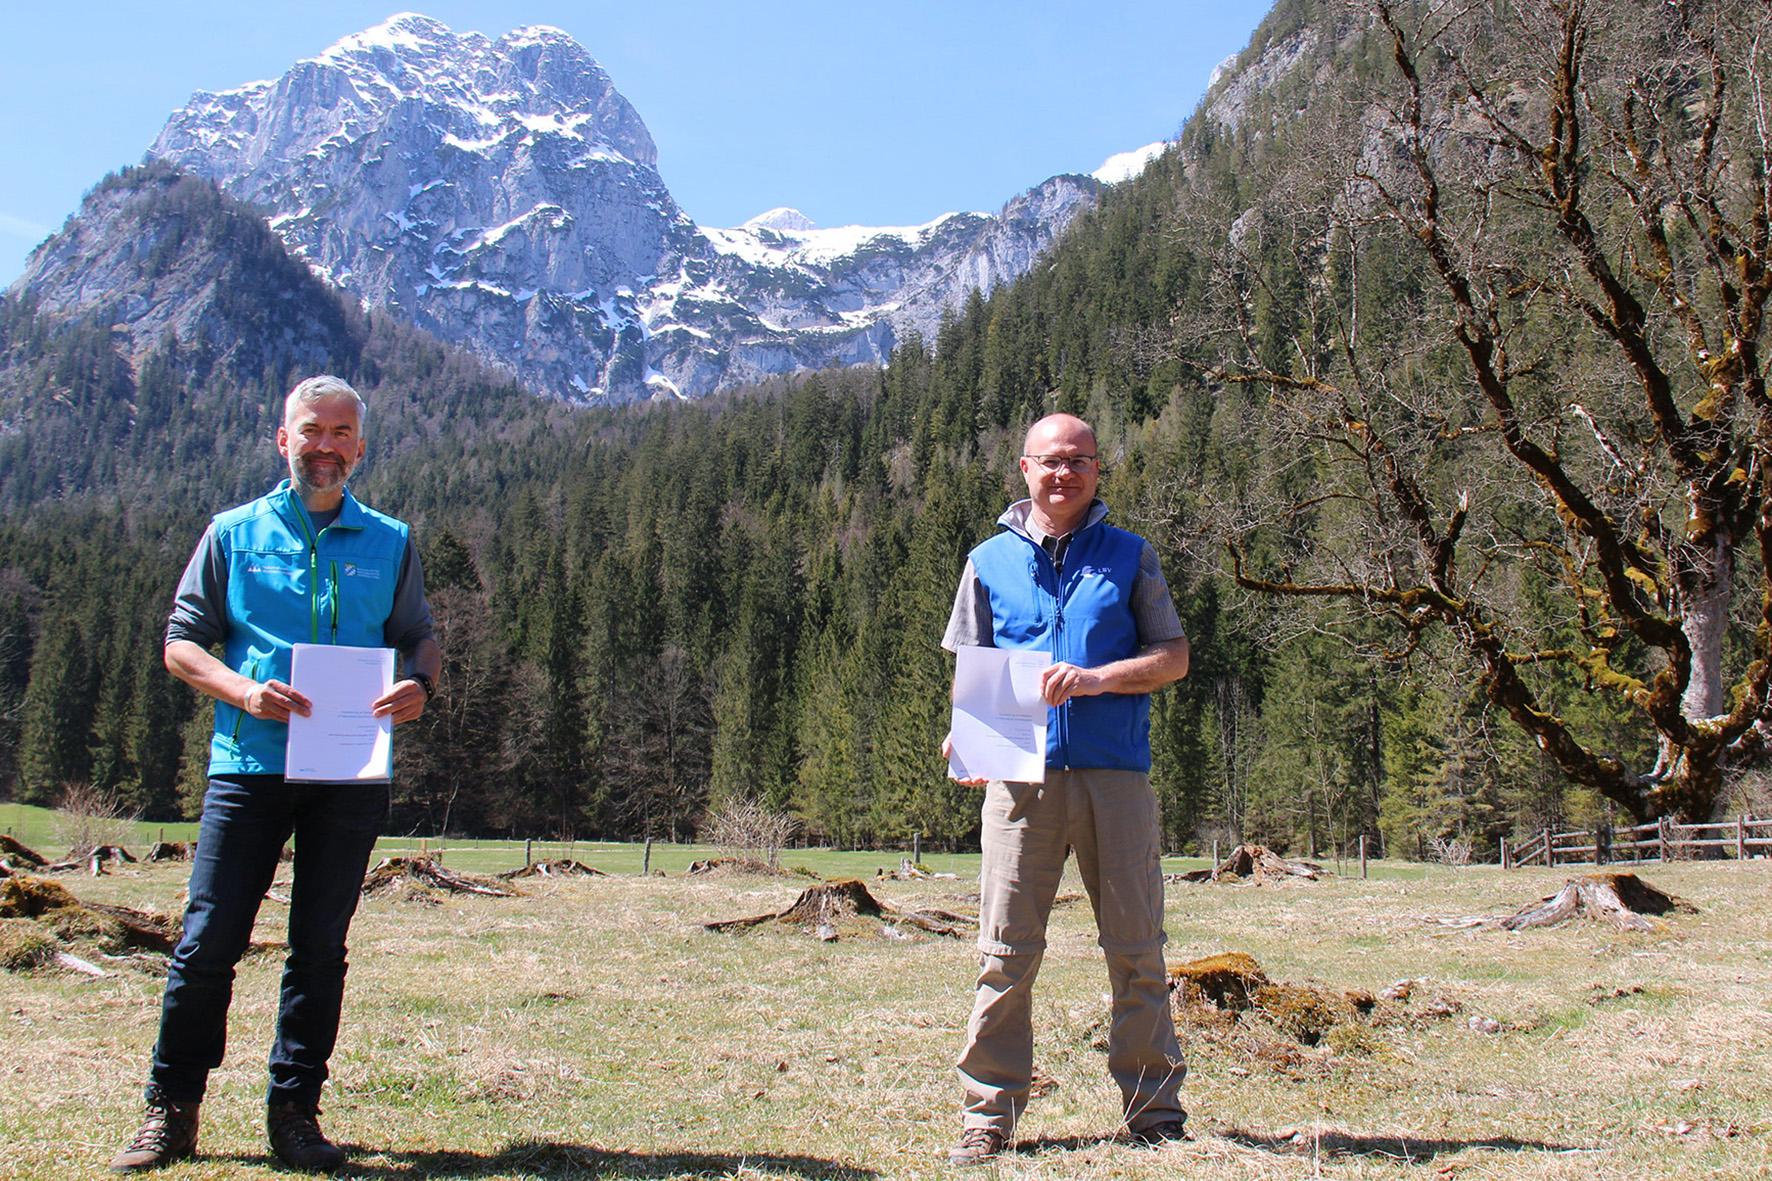 Pressebild: Nationalparkleiter Dr. Roland Baier und LBV-Vorsitzender Norbert Sch��ffer unterzeichneten an der Nationalpark-Informationsstelle Klausbachhaus eine Kooperationsvereinbarung zur Auswilderung von Bartgeiern im Nationalpark Berchtesgaden.